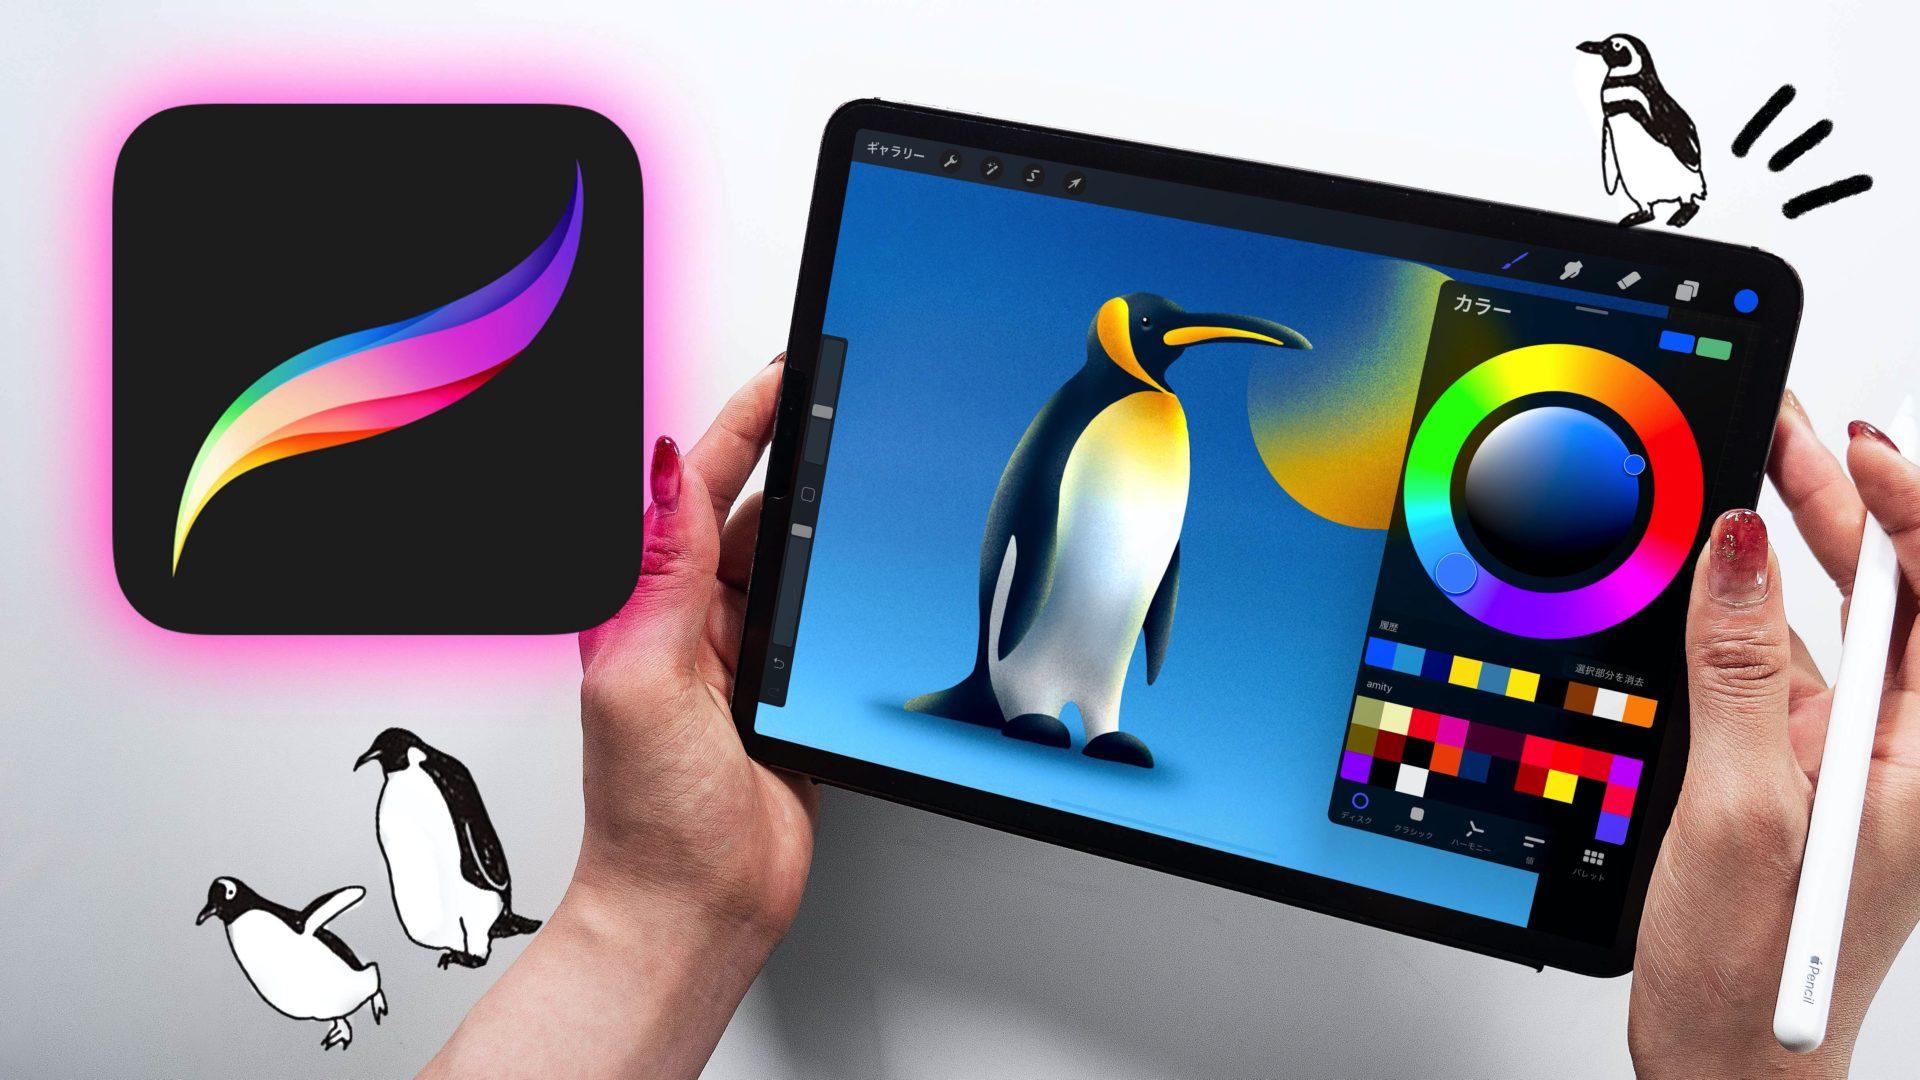 超人気アプリ「Procreate」でオシャレなデジタルアート!iPadでペンギンを描く方法